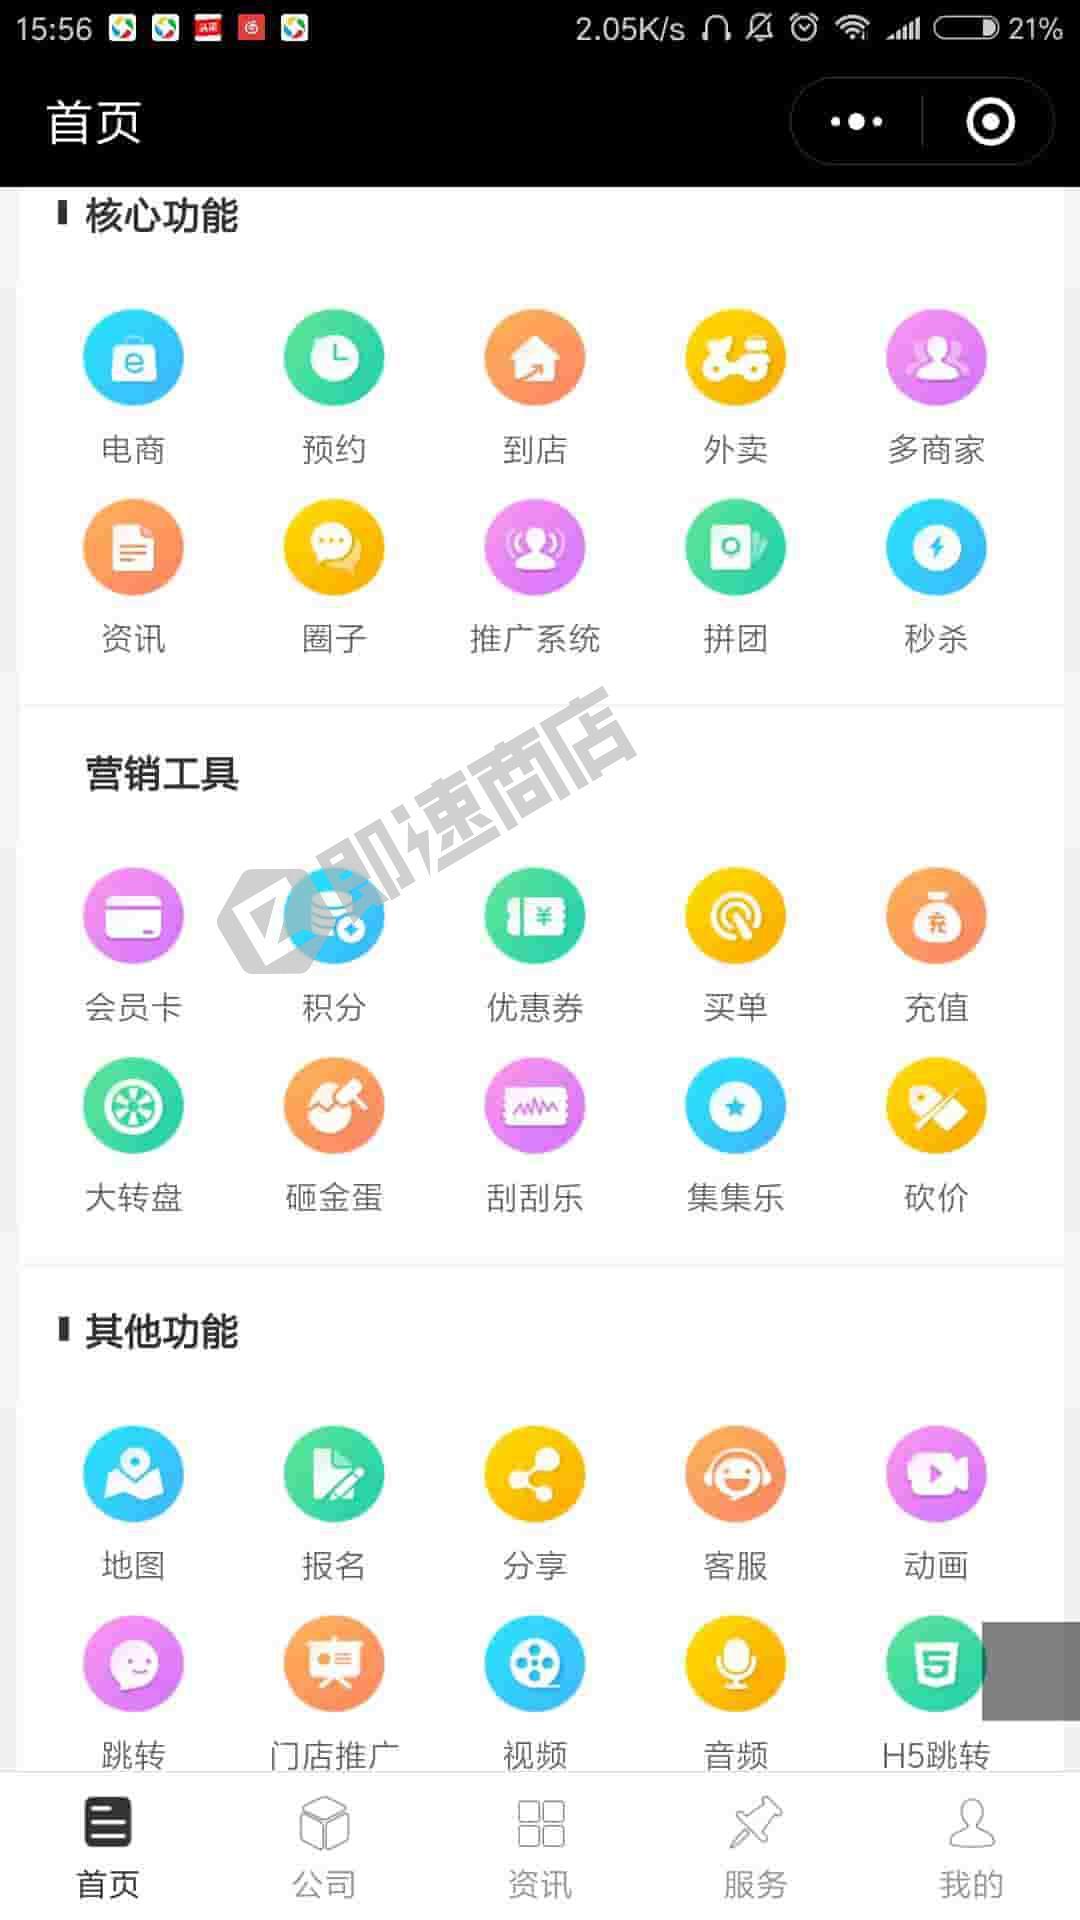 荣腾网络小程序列表页截图